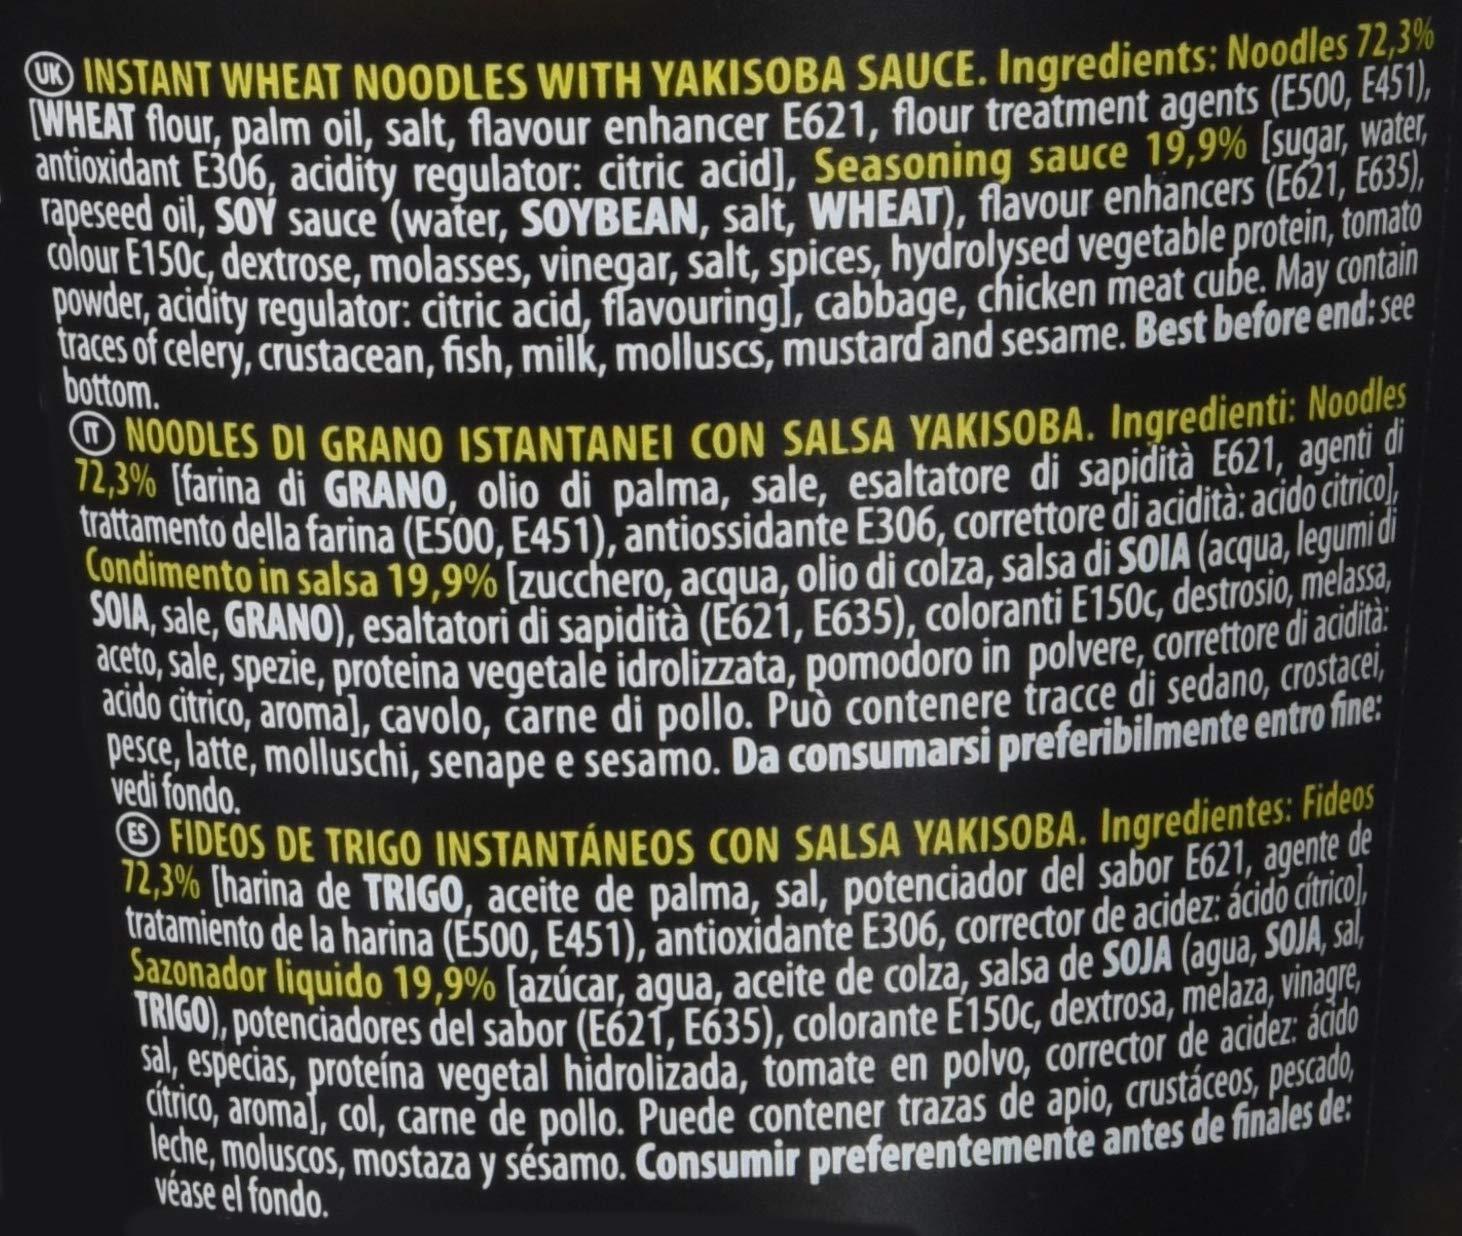 Nissin Noodles Con Salsa Japonesa Vaso 90Gr: Amazon.es: Alimentación y bebidas